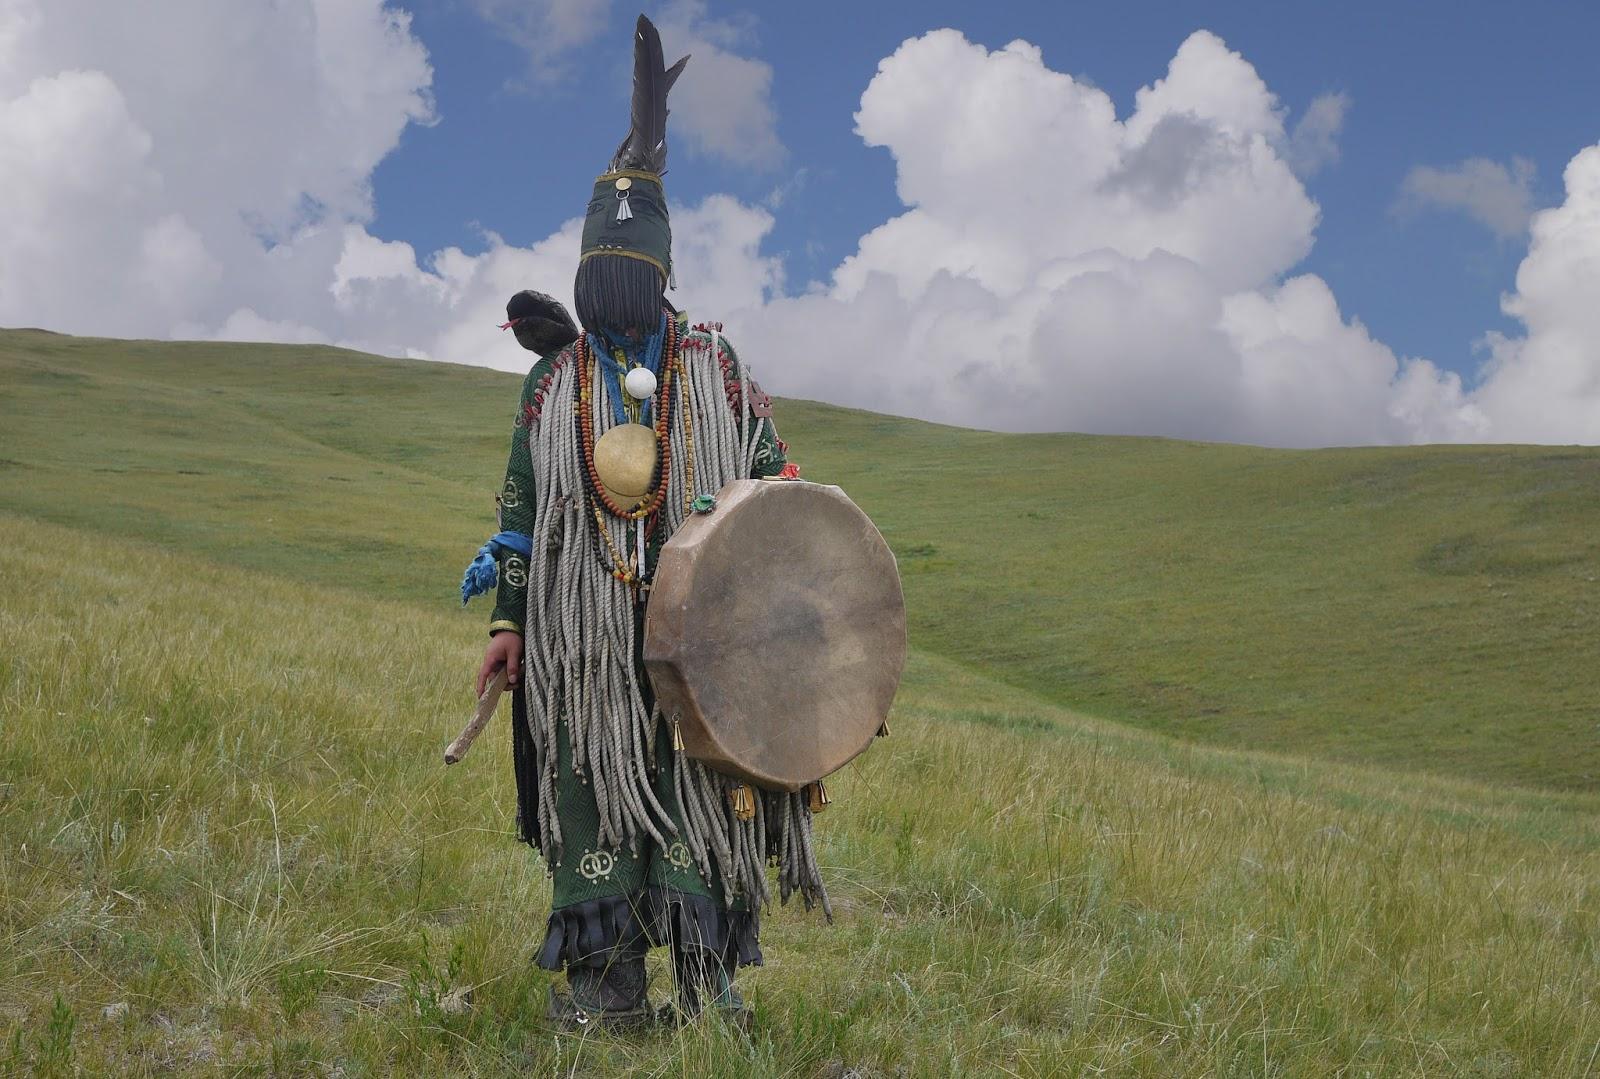 Outro xamã mongol, vestido dos pés à cabeça e portando um tambor